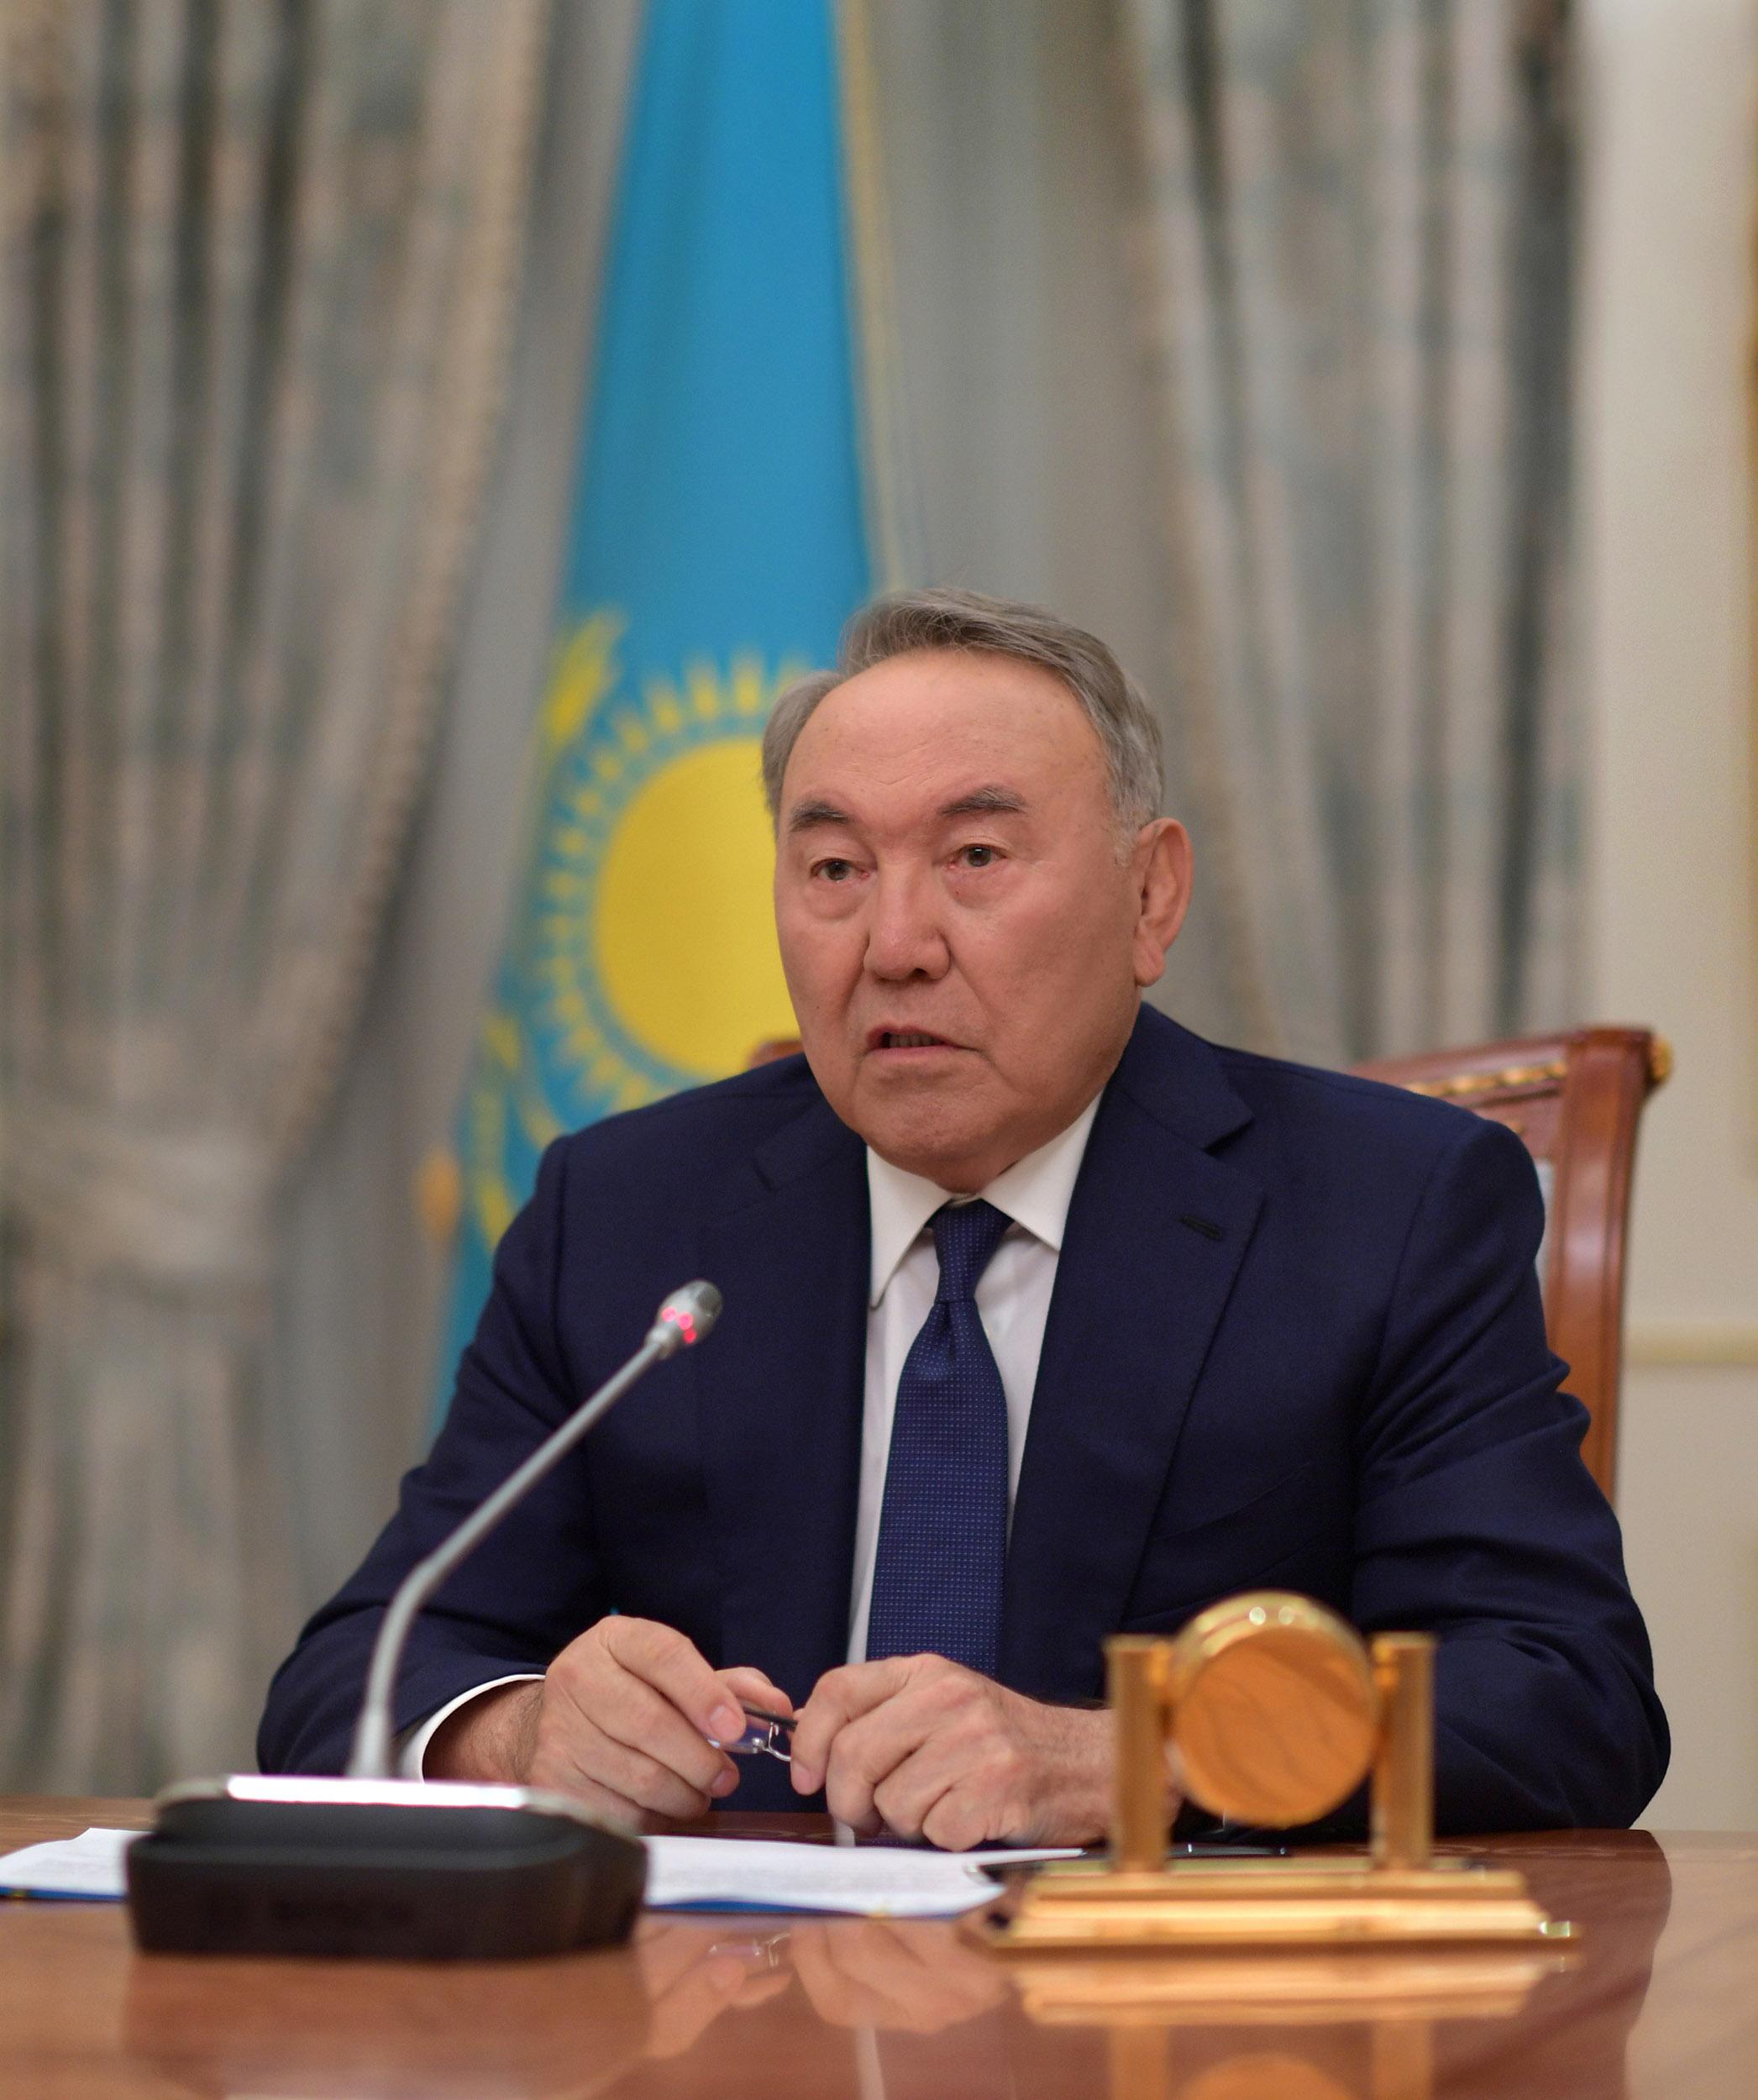 Звернення Глави держави Нурсултана Назарбаєва до народу Казахстану